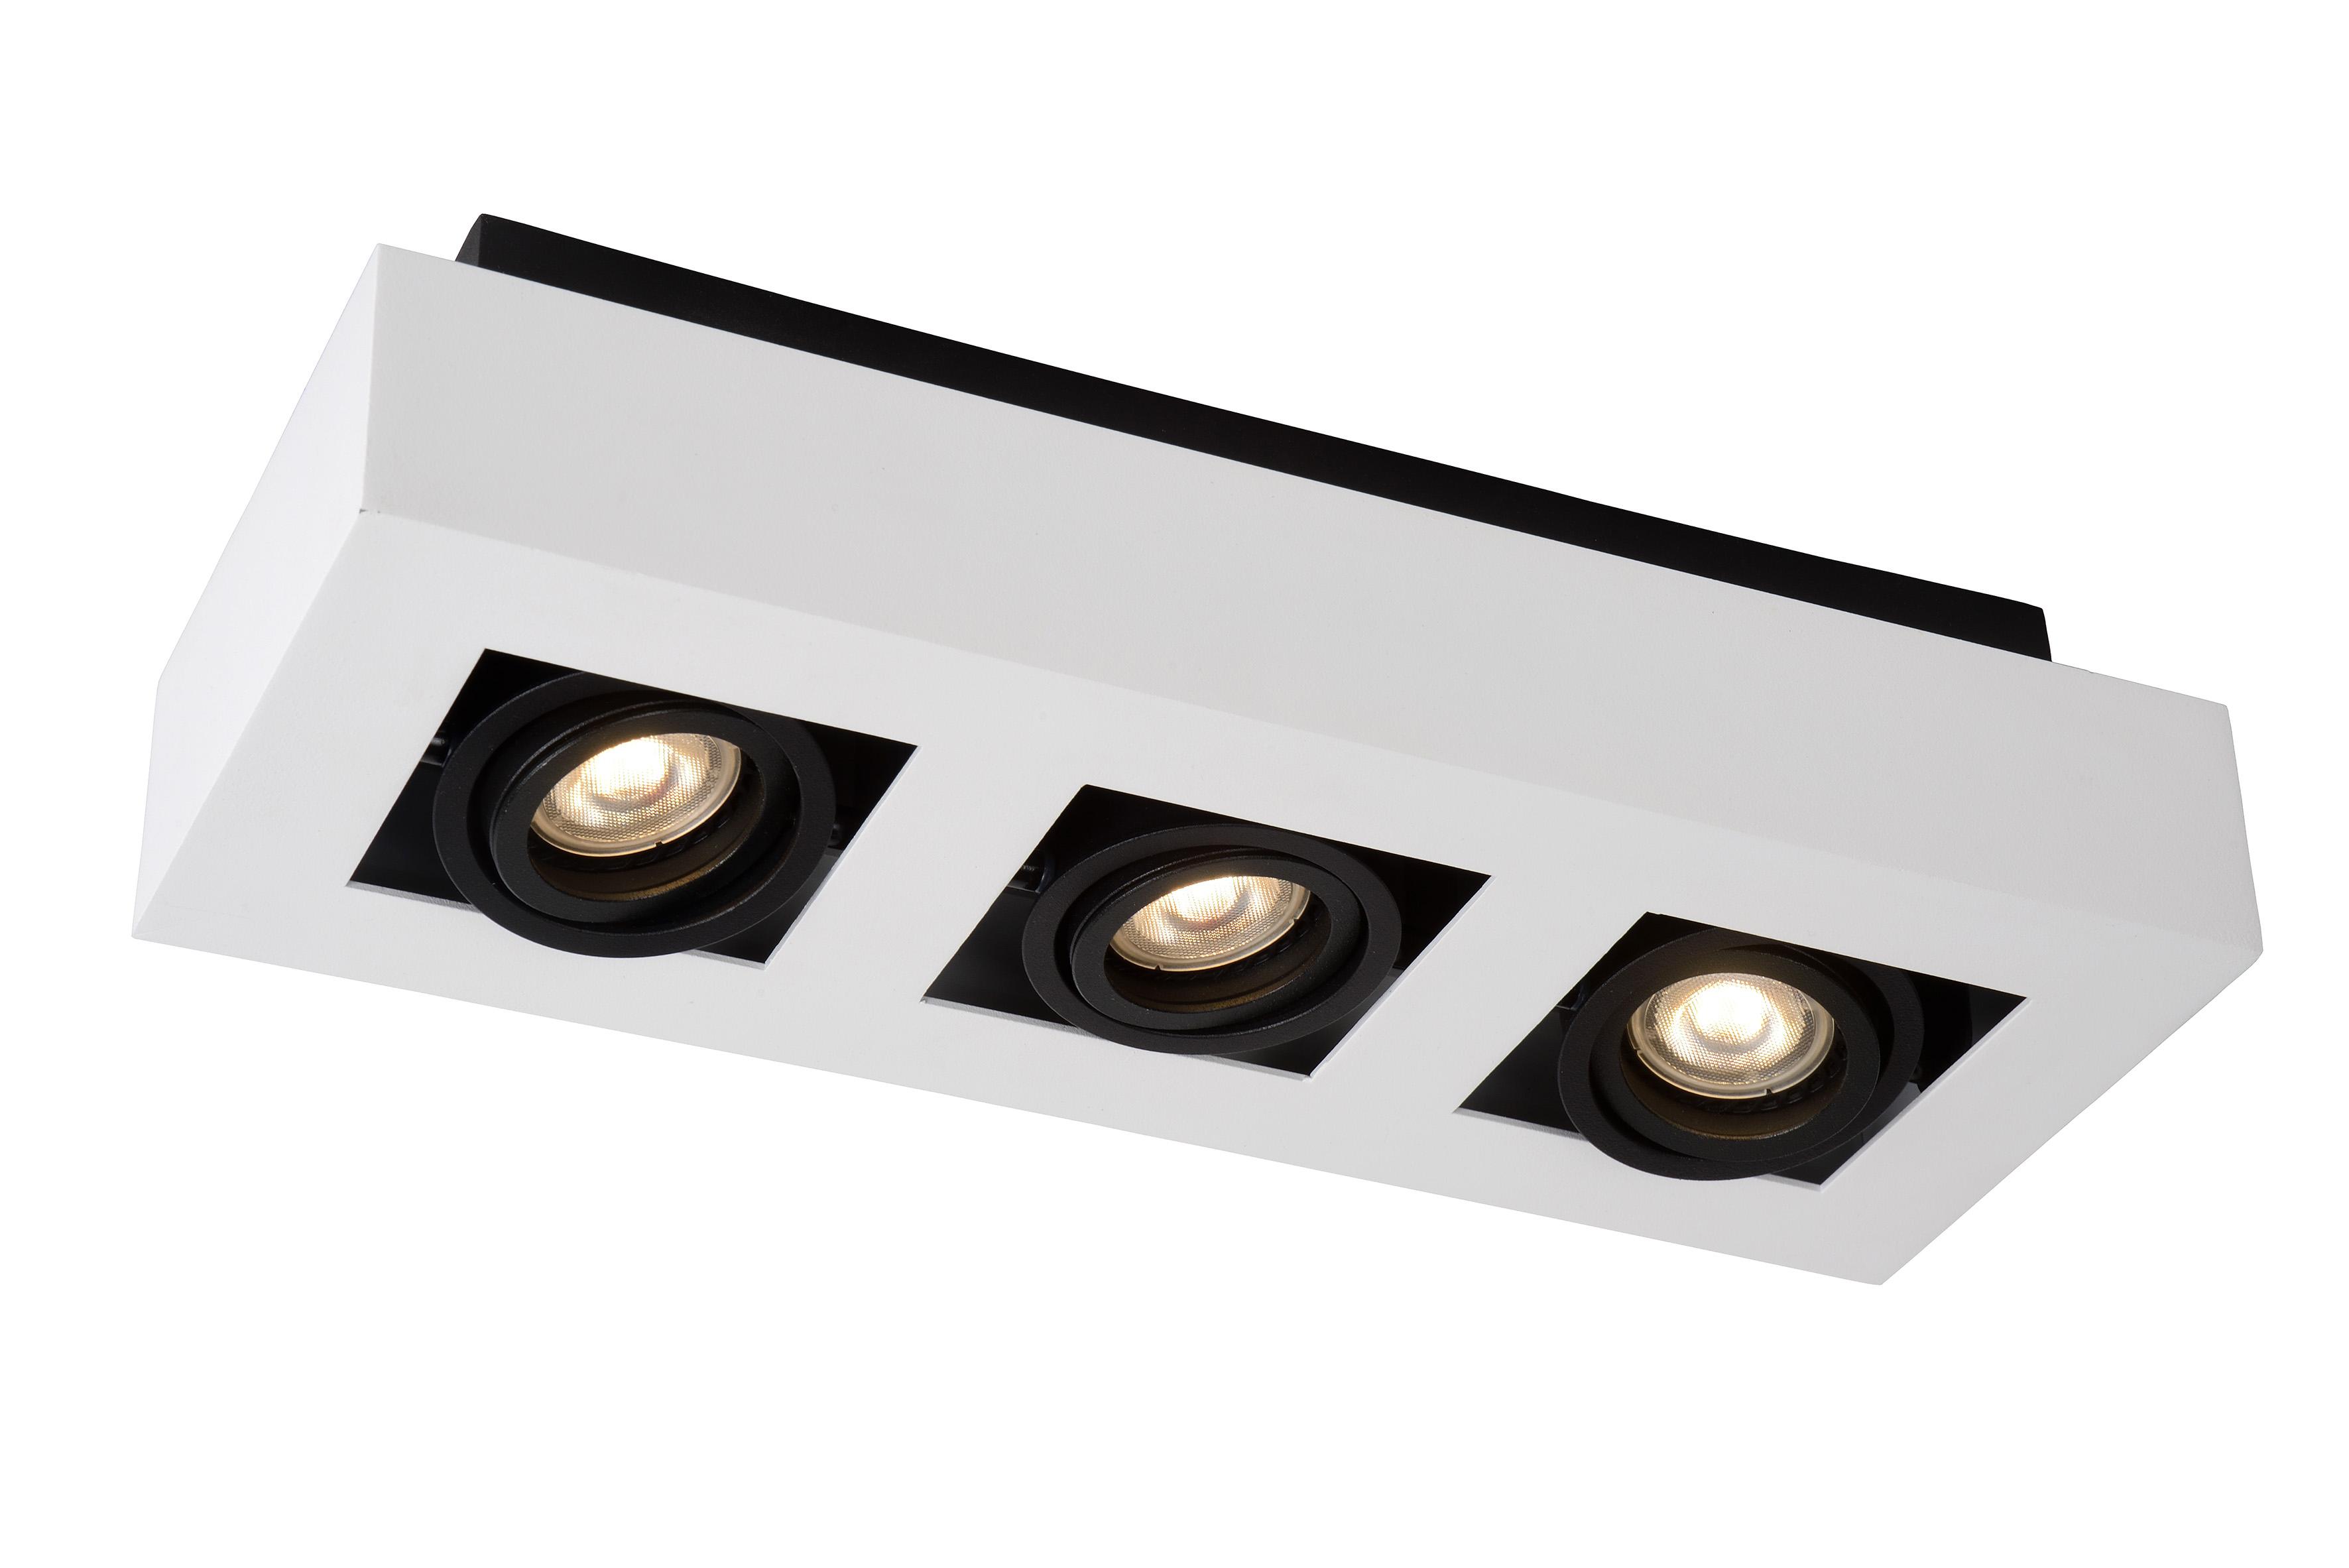 LED Dim Lucide XIRAX Spot Plafond - GU10-4x5W 3000K Blanc